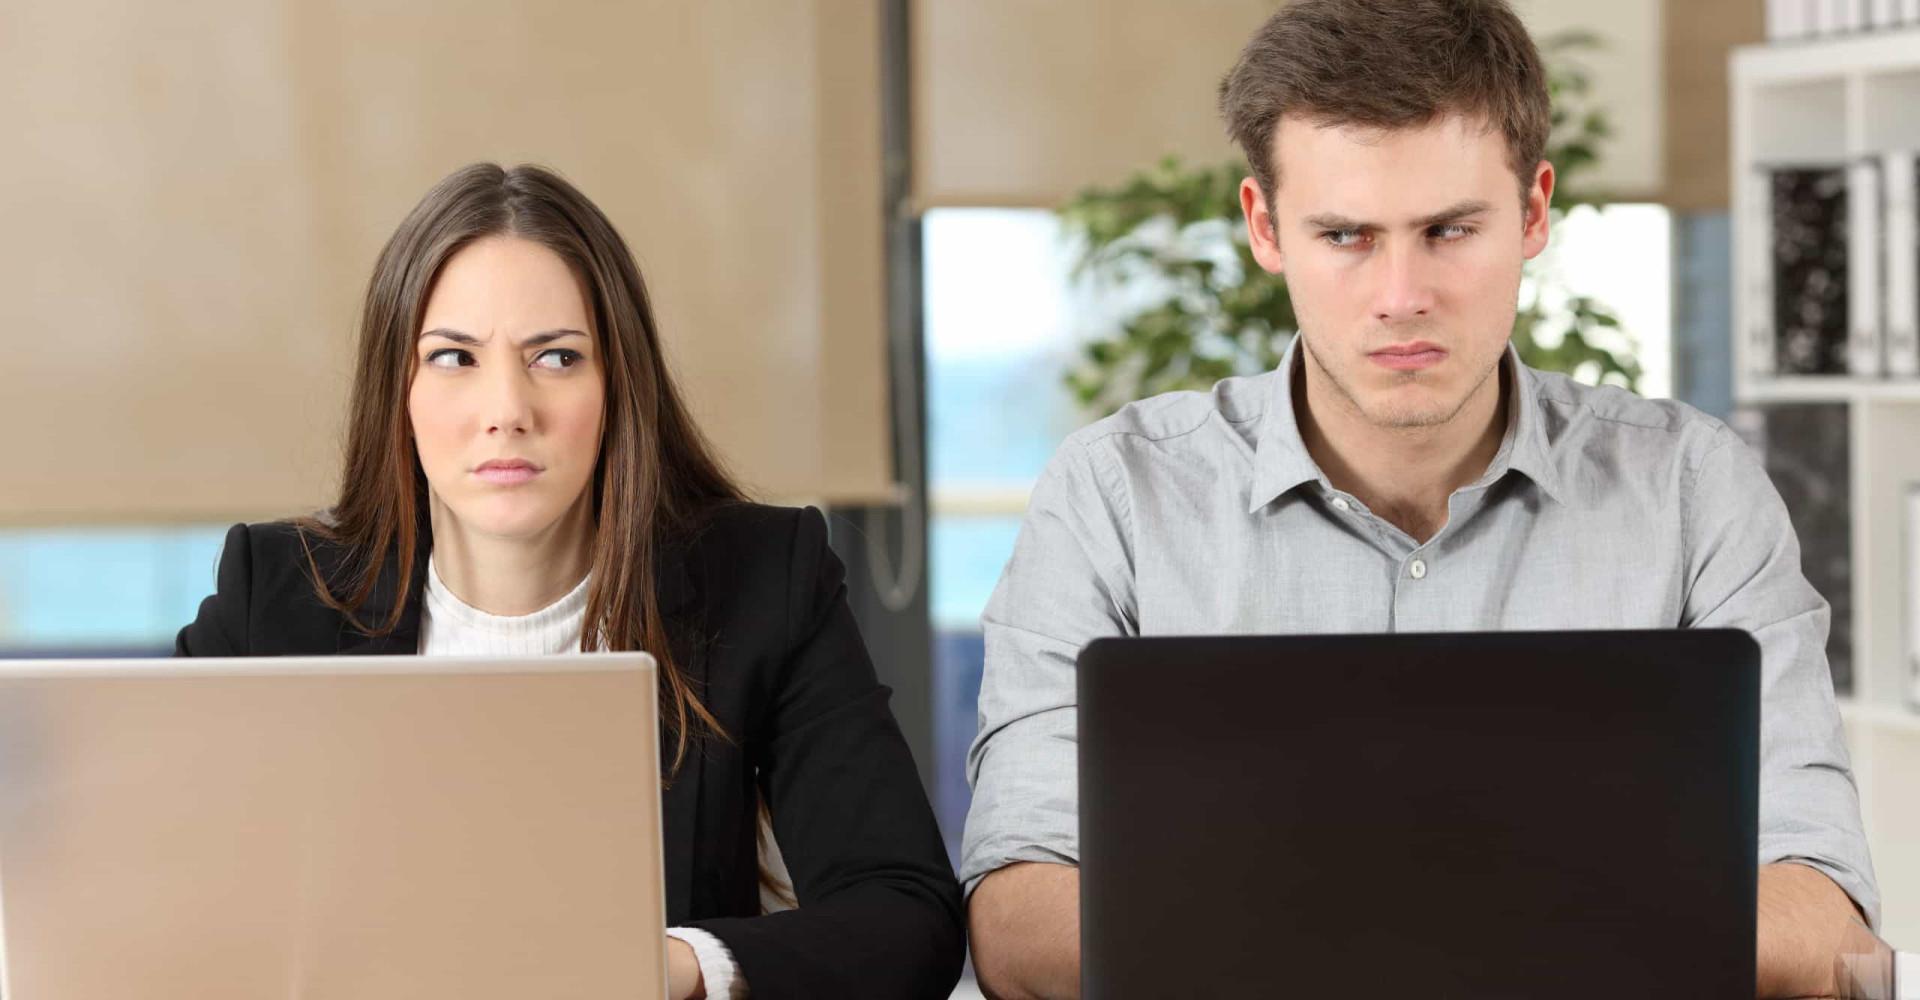 Trabalho: Tem algum destes irritantes hábitos?